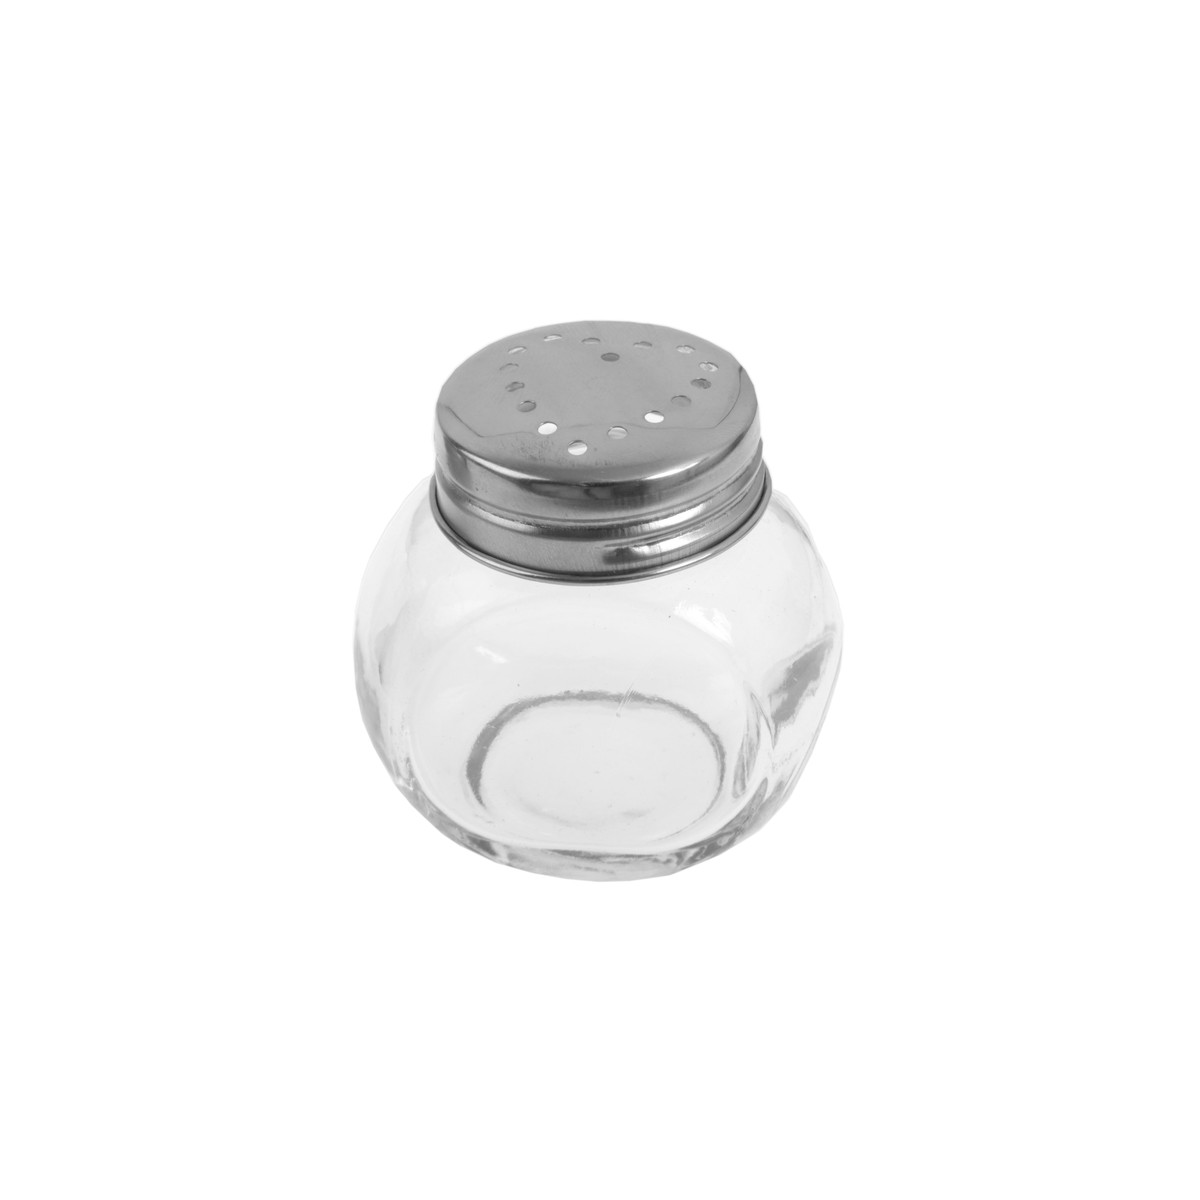 Pot Dragées Verre Couvercle Metal Coeur x2